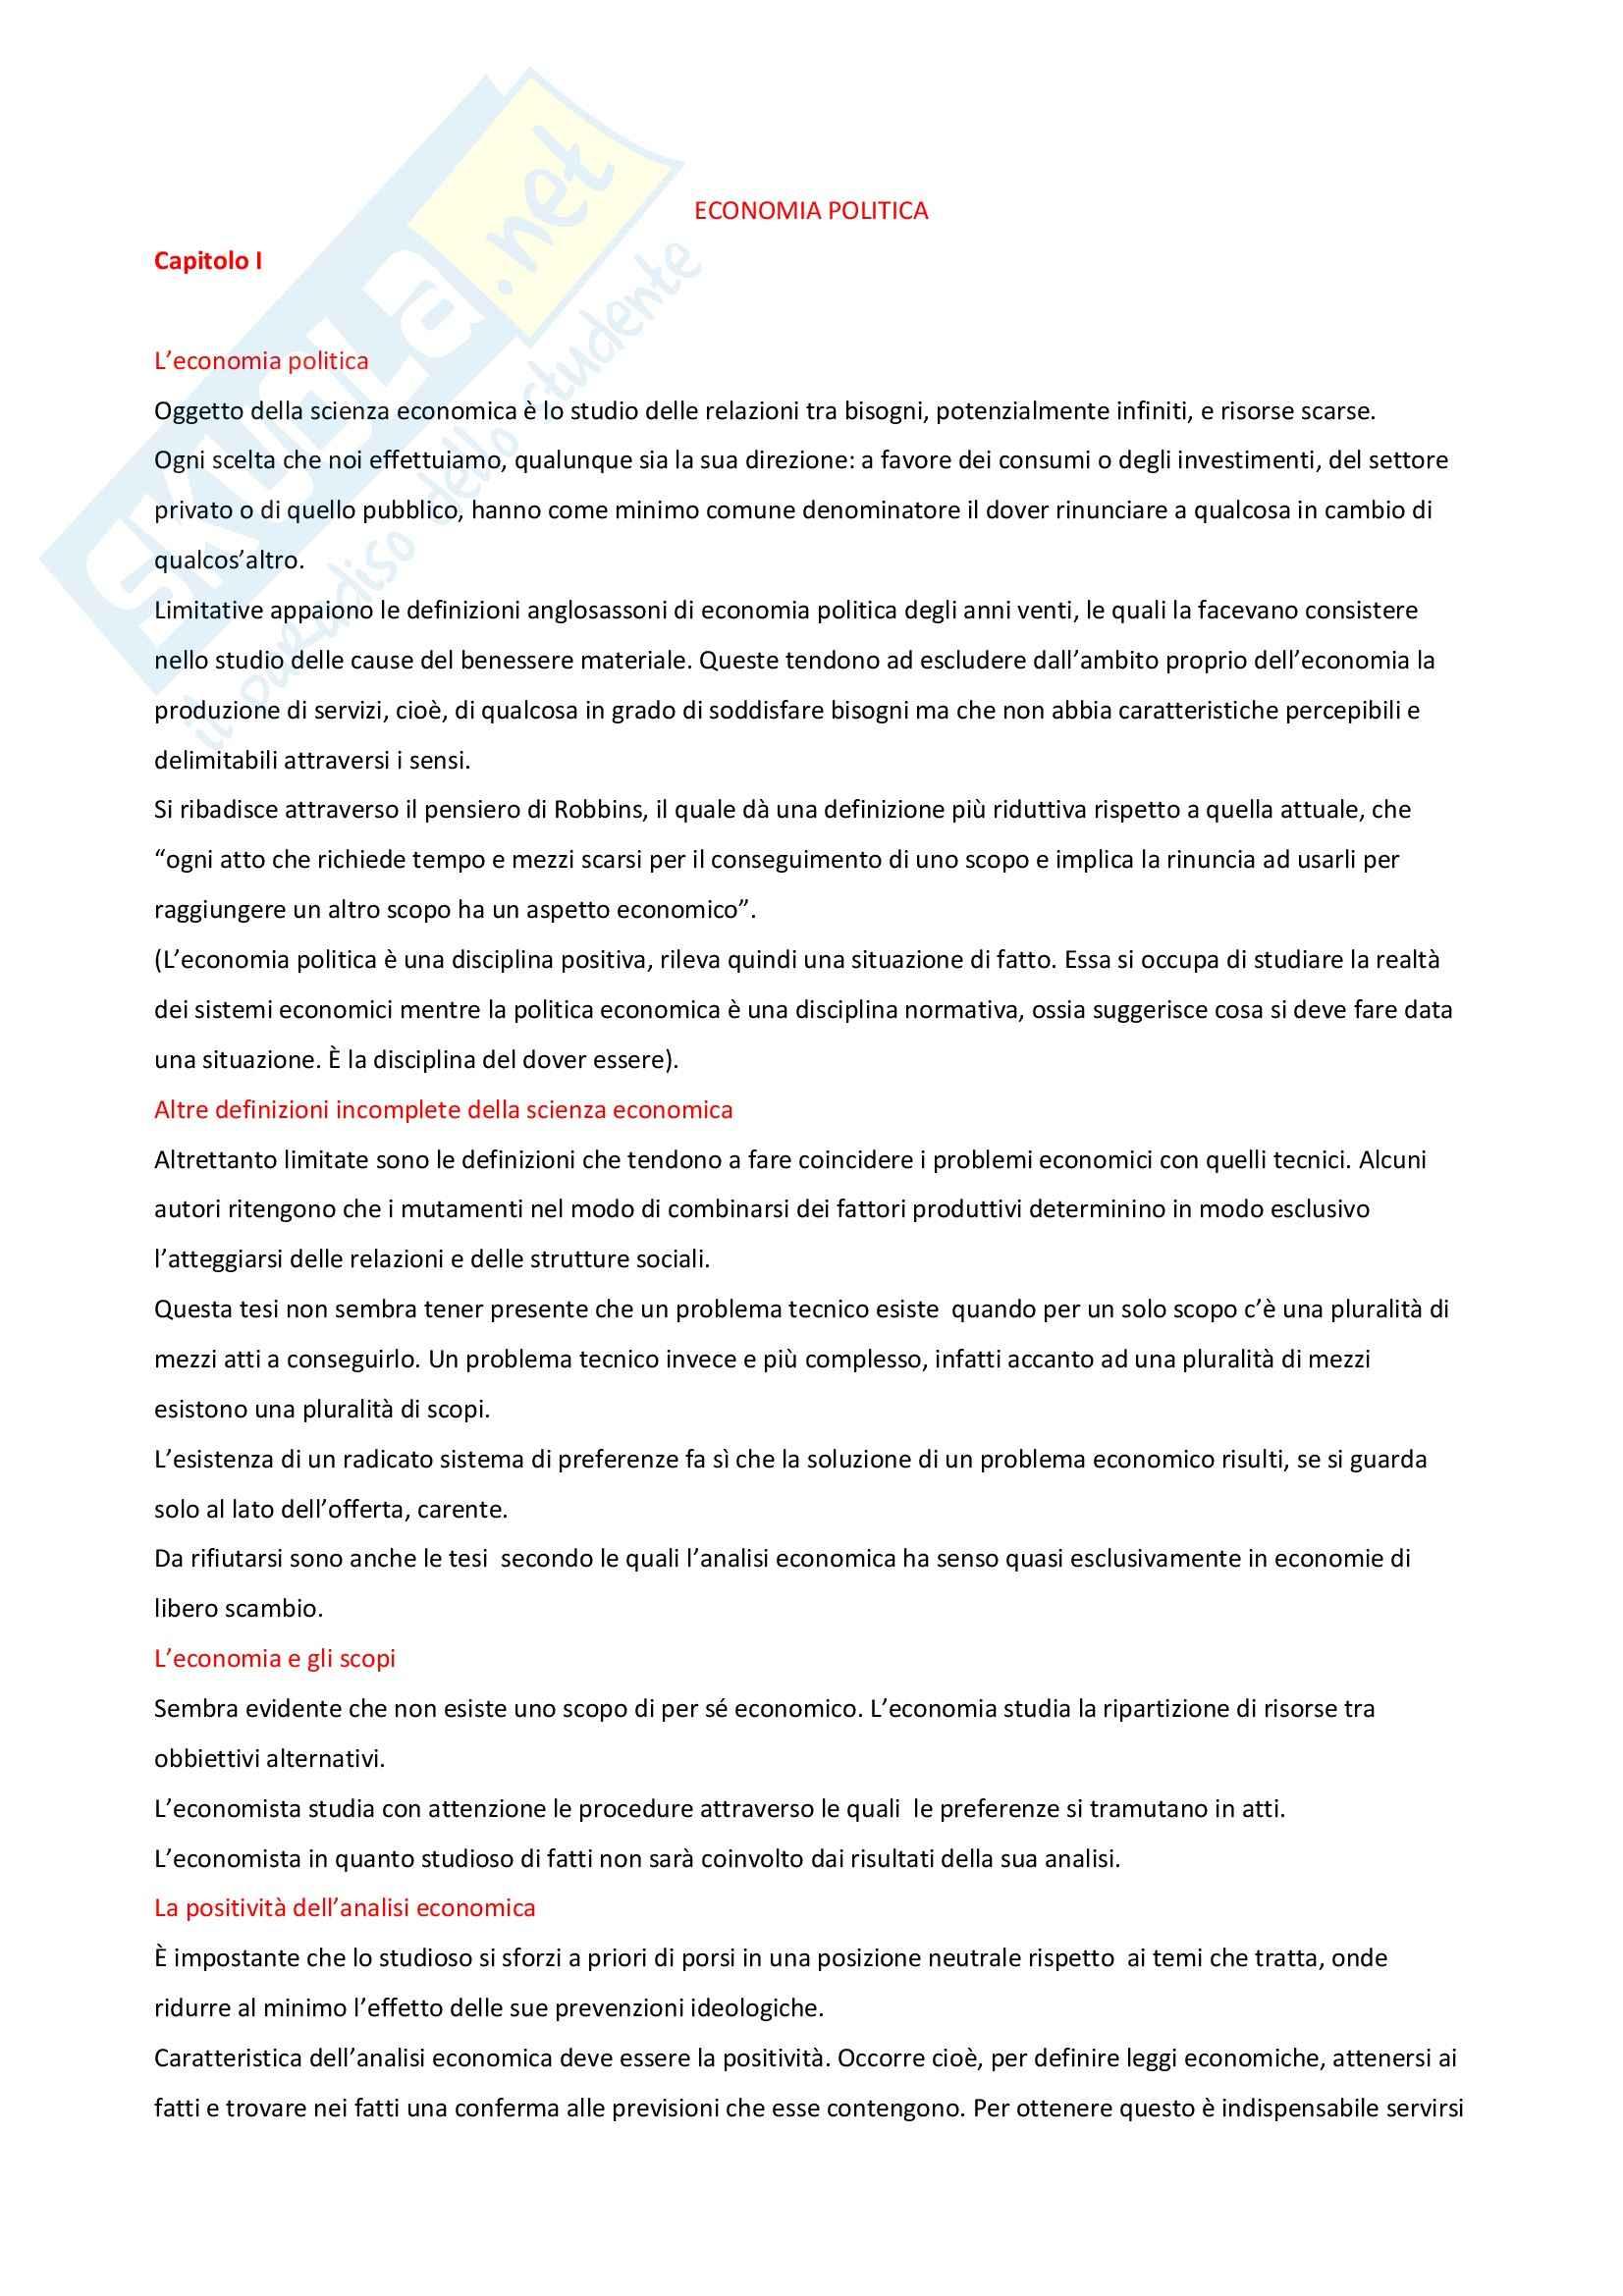 Economia politica - Appunti